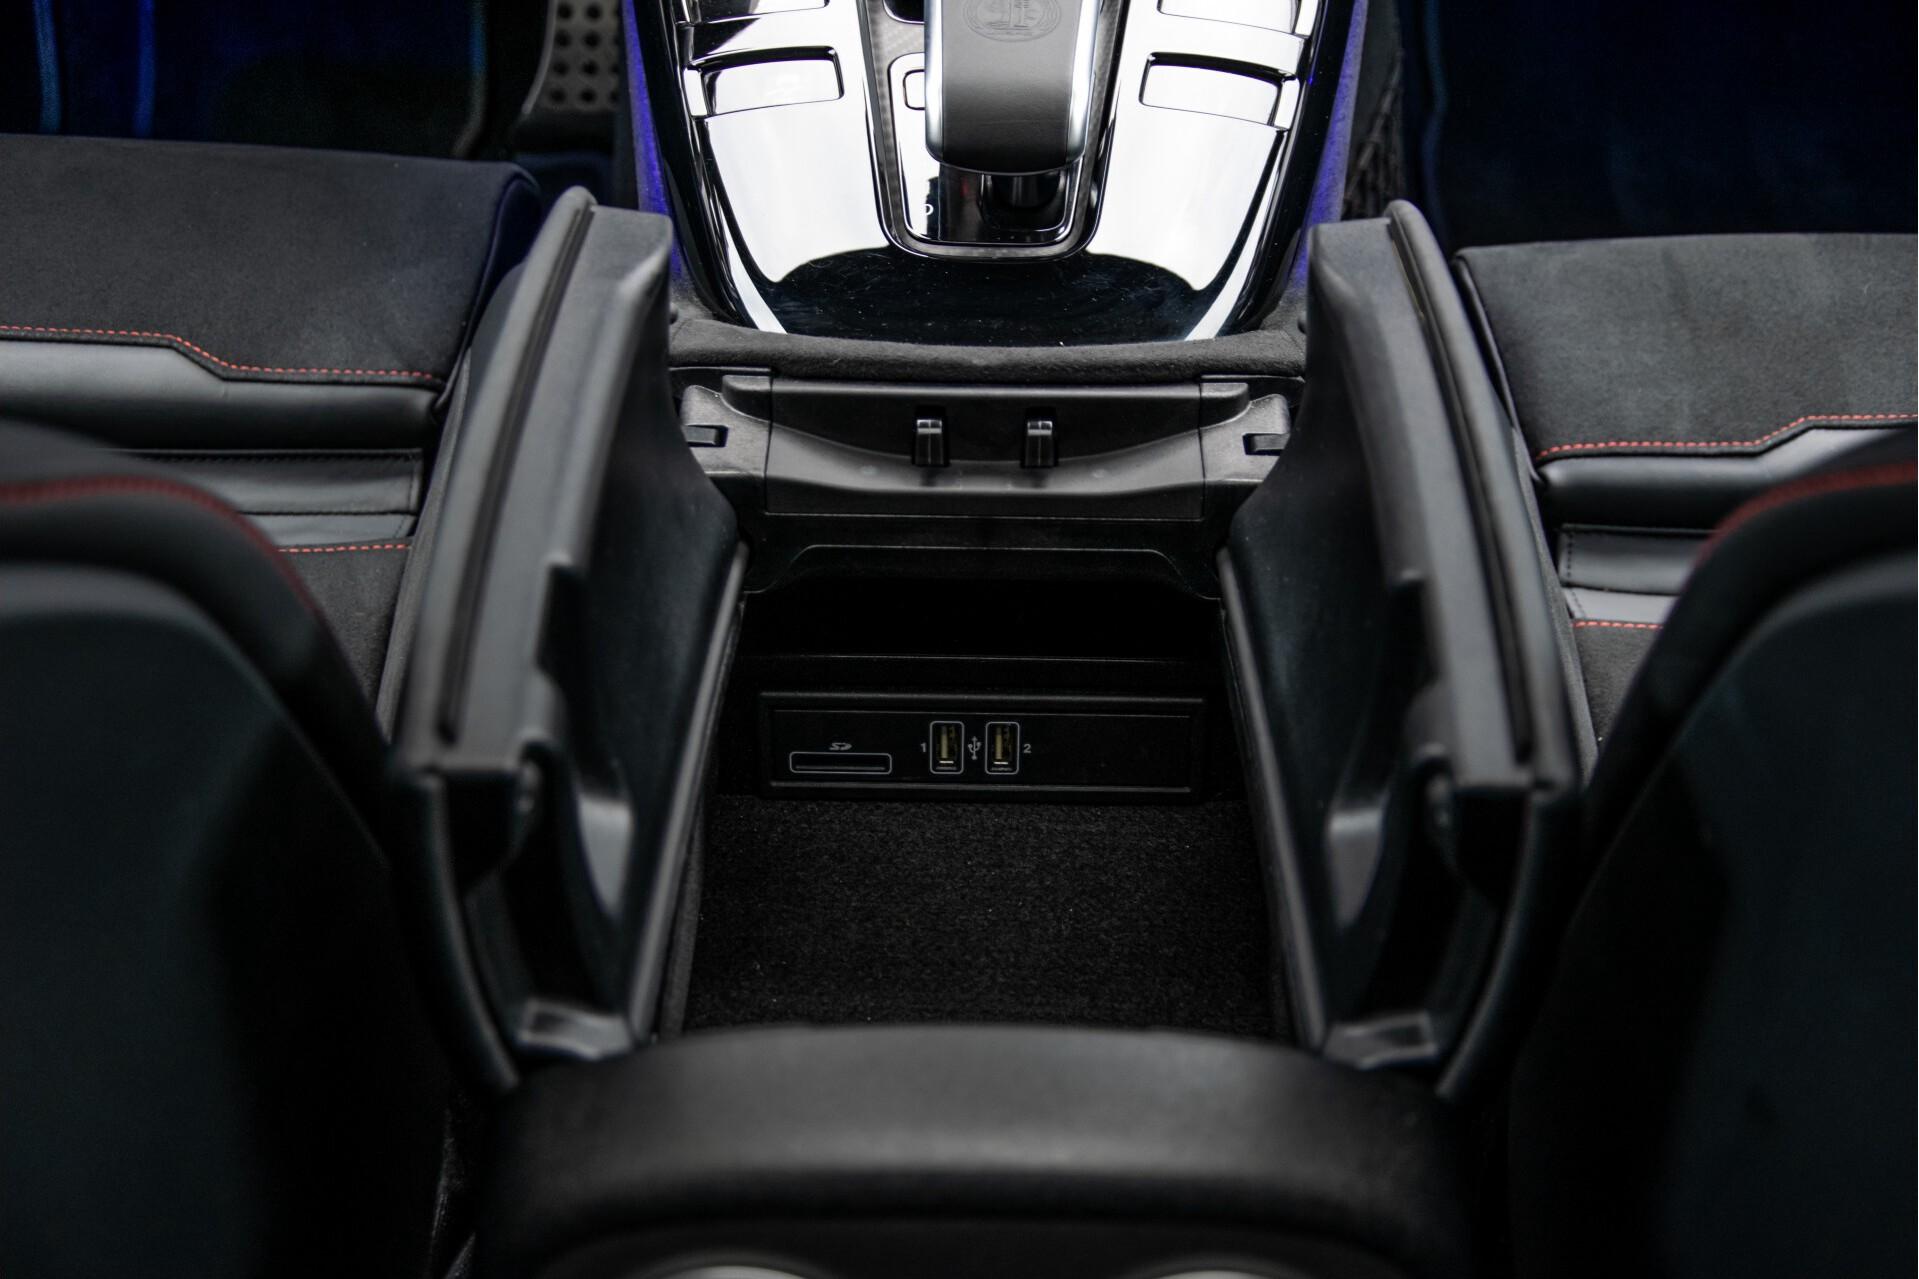 Mercedes-Benz AMG GT 4-Door Coupe 63 S 4M+ Keramisch/Full Carbon/Aerodynamica/Burmester 3D/TV/Performance stoelen/Standkachel Aut9 Foto 62